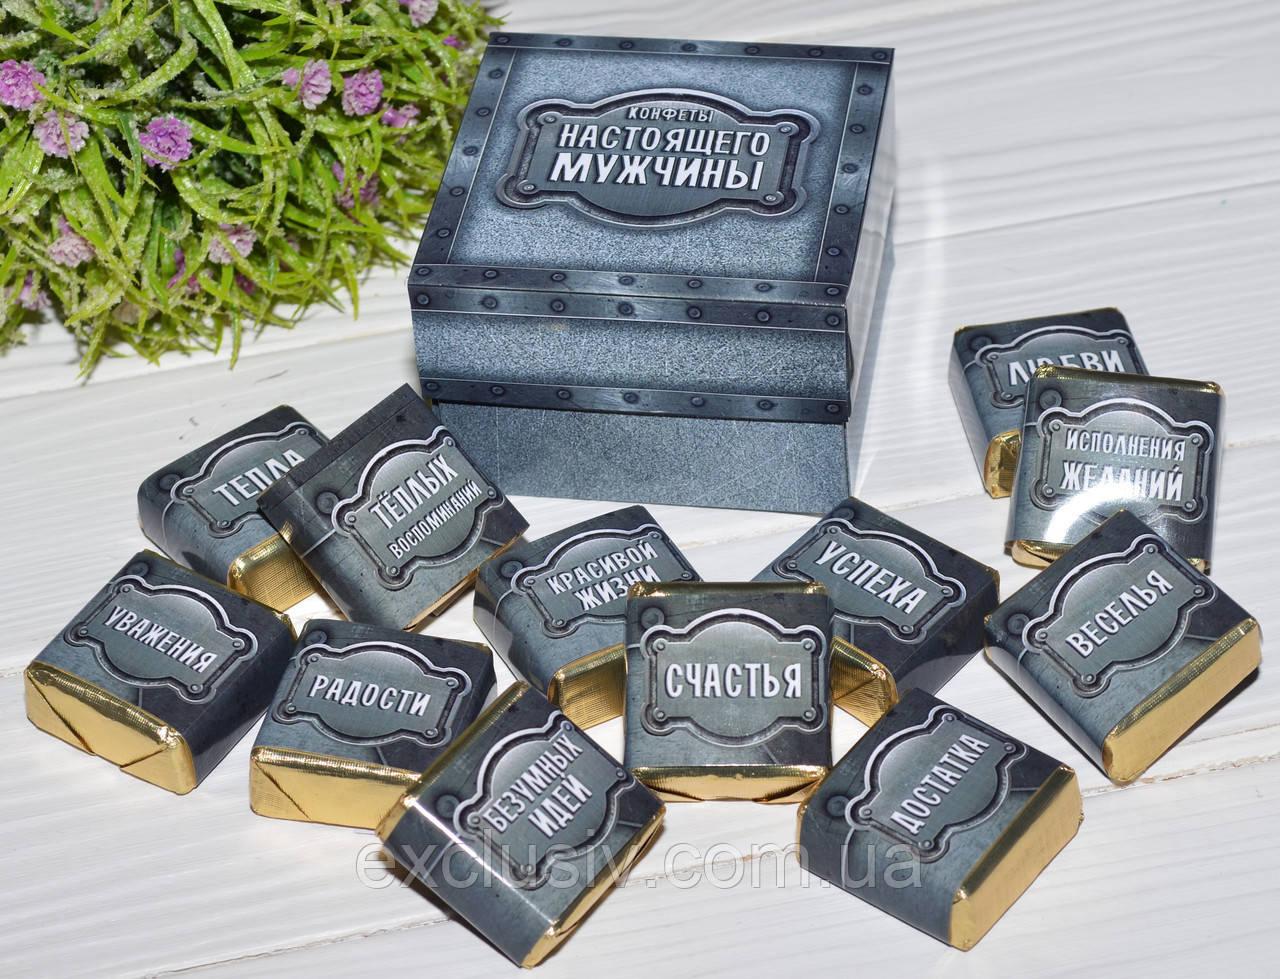 """Шоколадный набор куб """"Конфеты для настоящего мужчины"""", фото 1"""